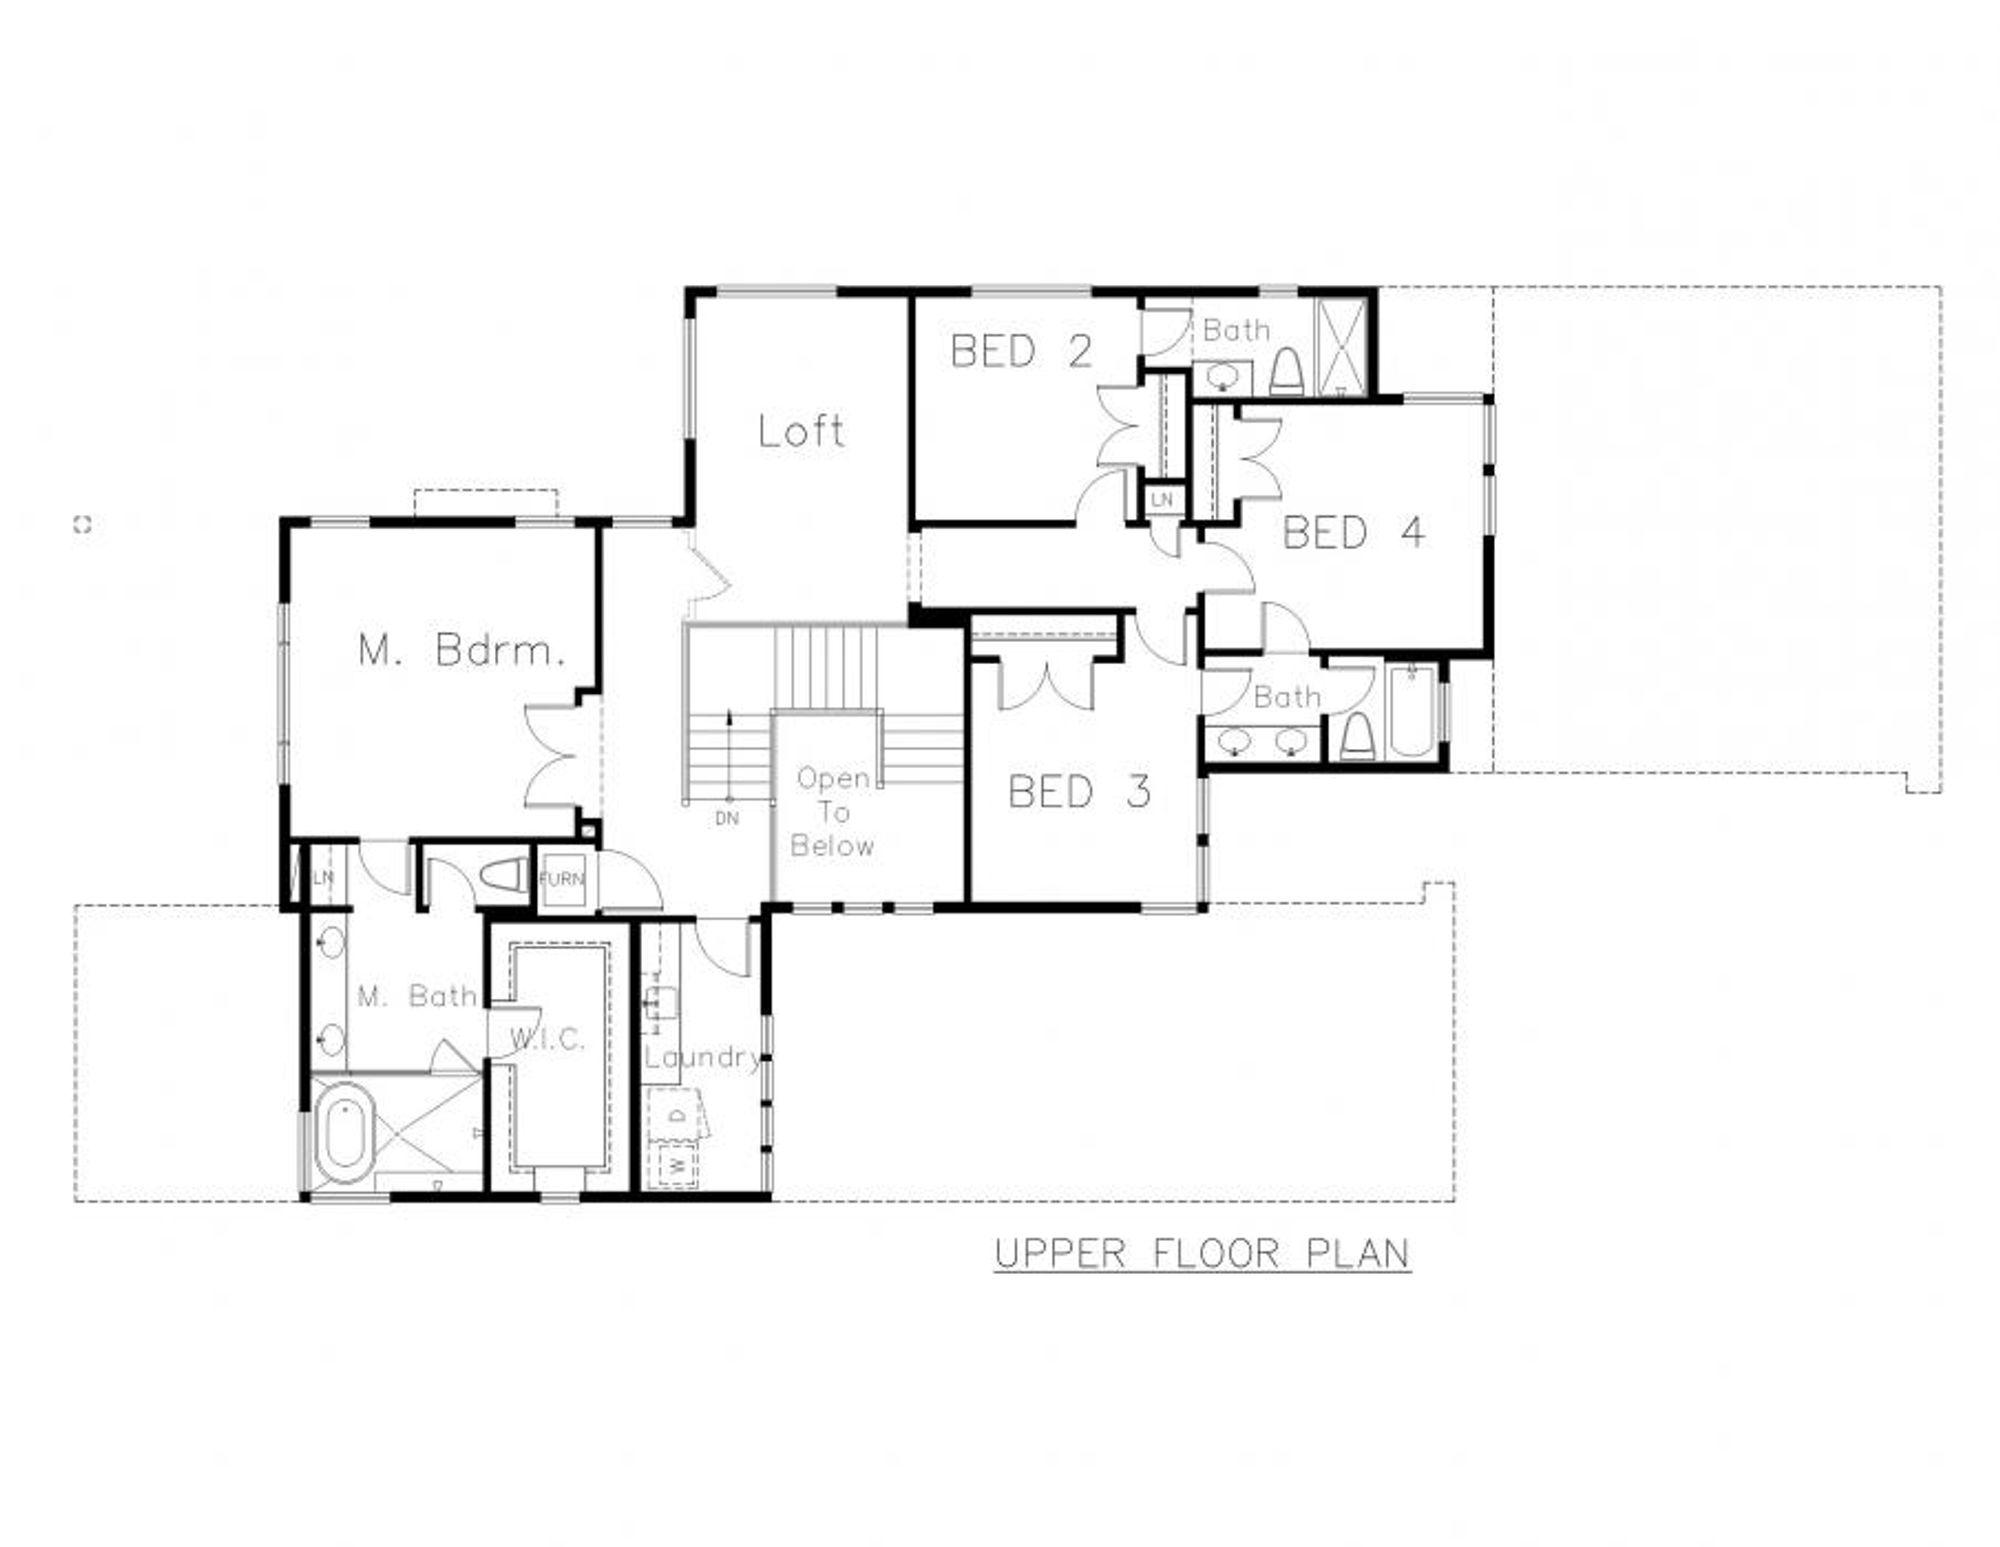 Sorrento Upper Floor Plan